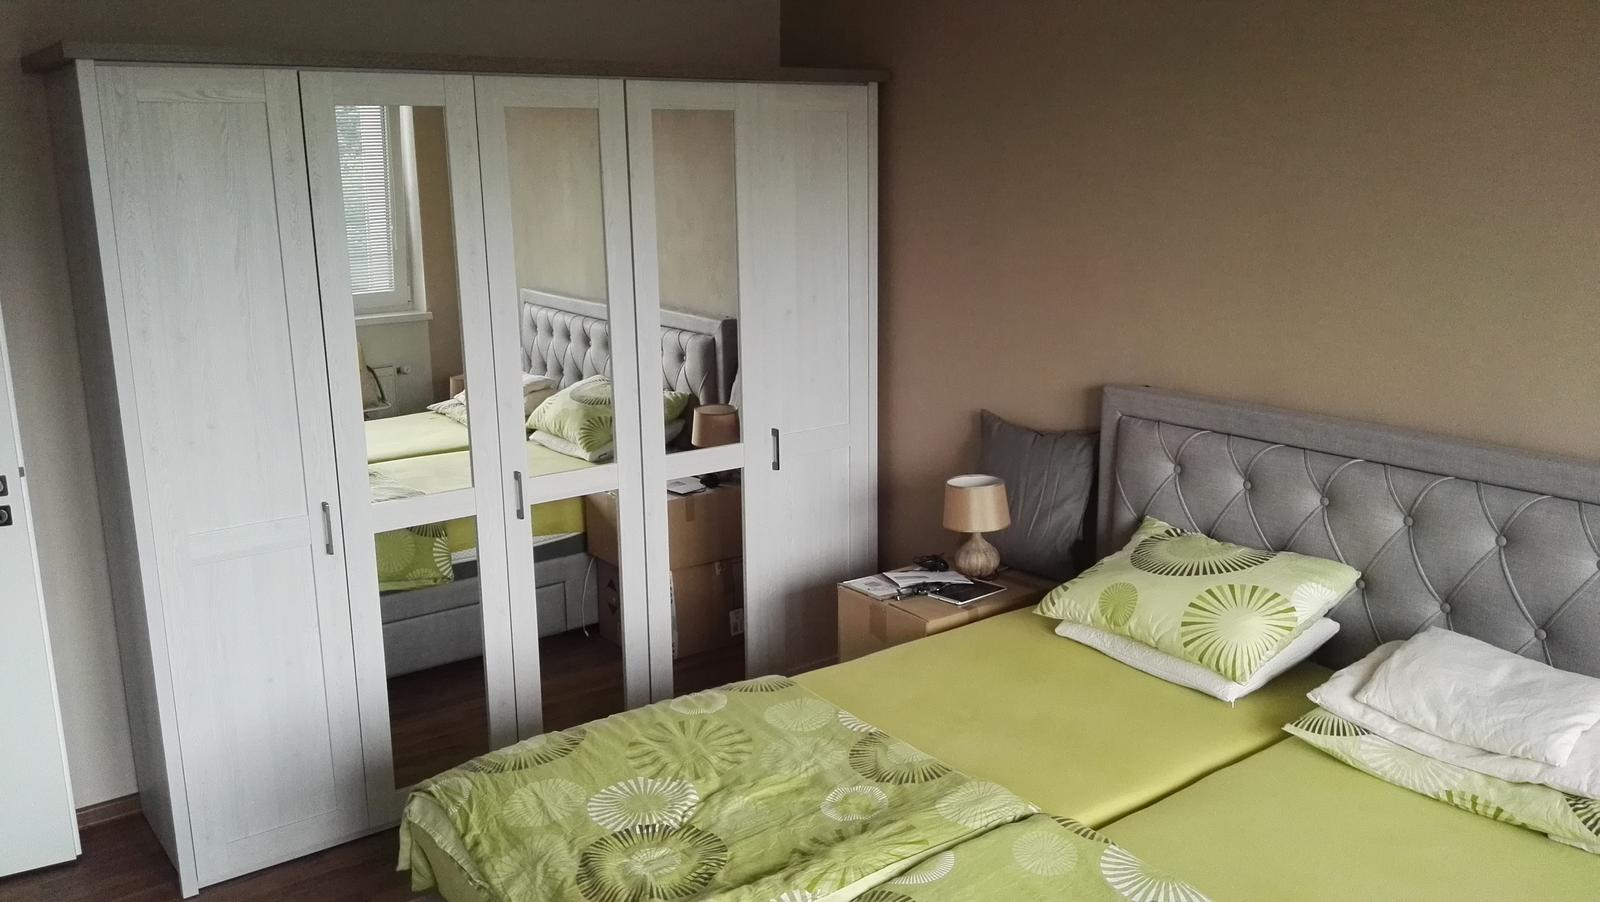 Projekt: Nové bývanie ... - ... spálňa na 80% hotovo, nočné stolíky ešte zo zbalených vecí :-D